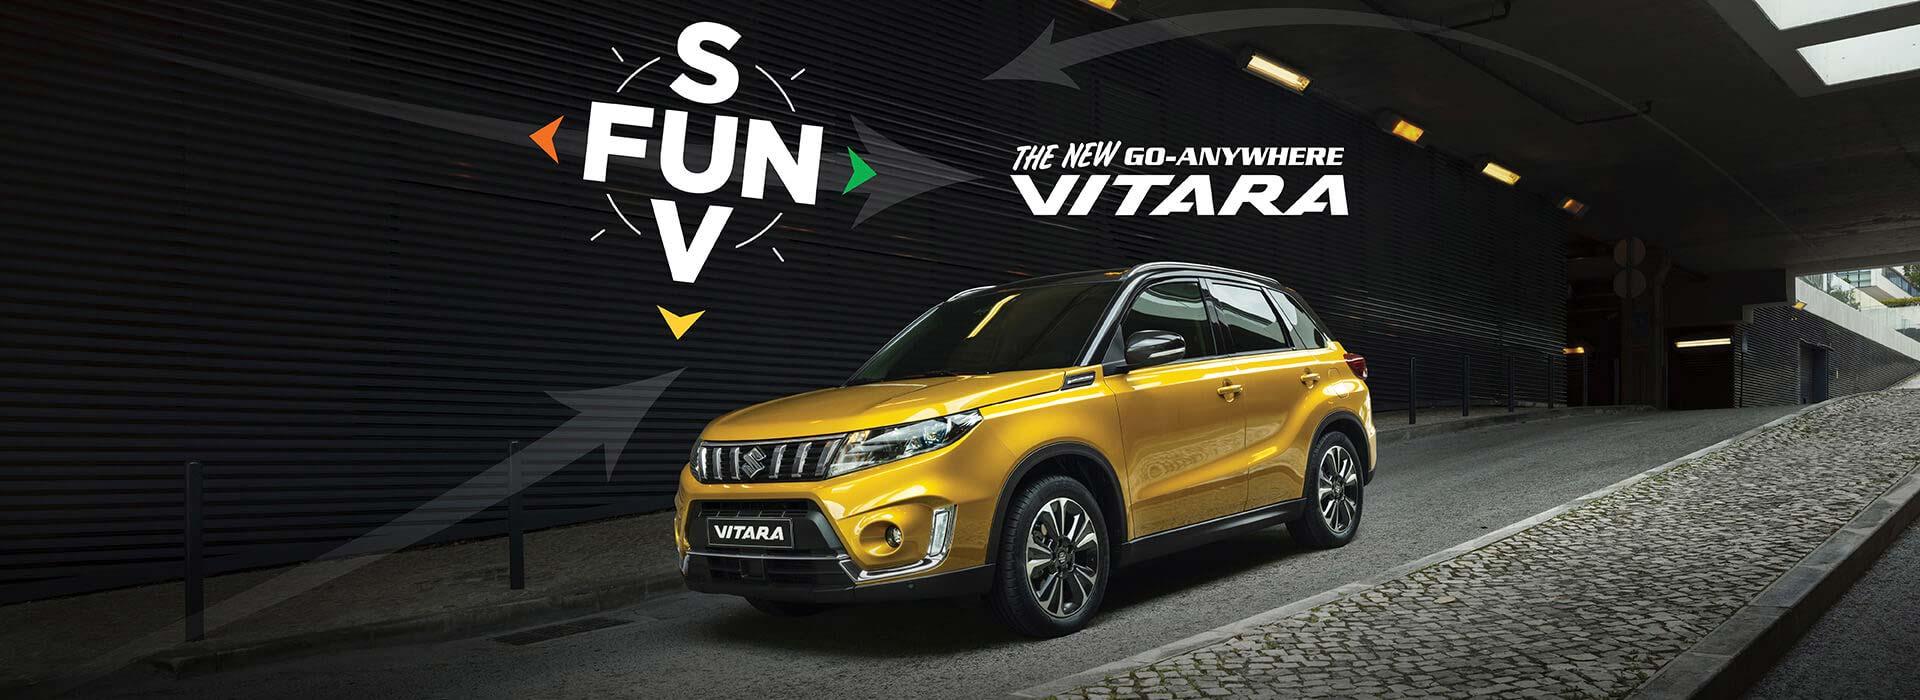 New Go-Anywhere Vitara